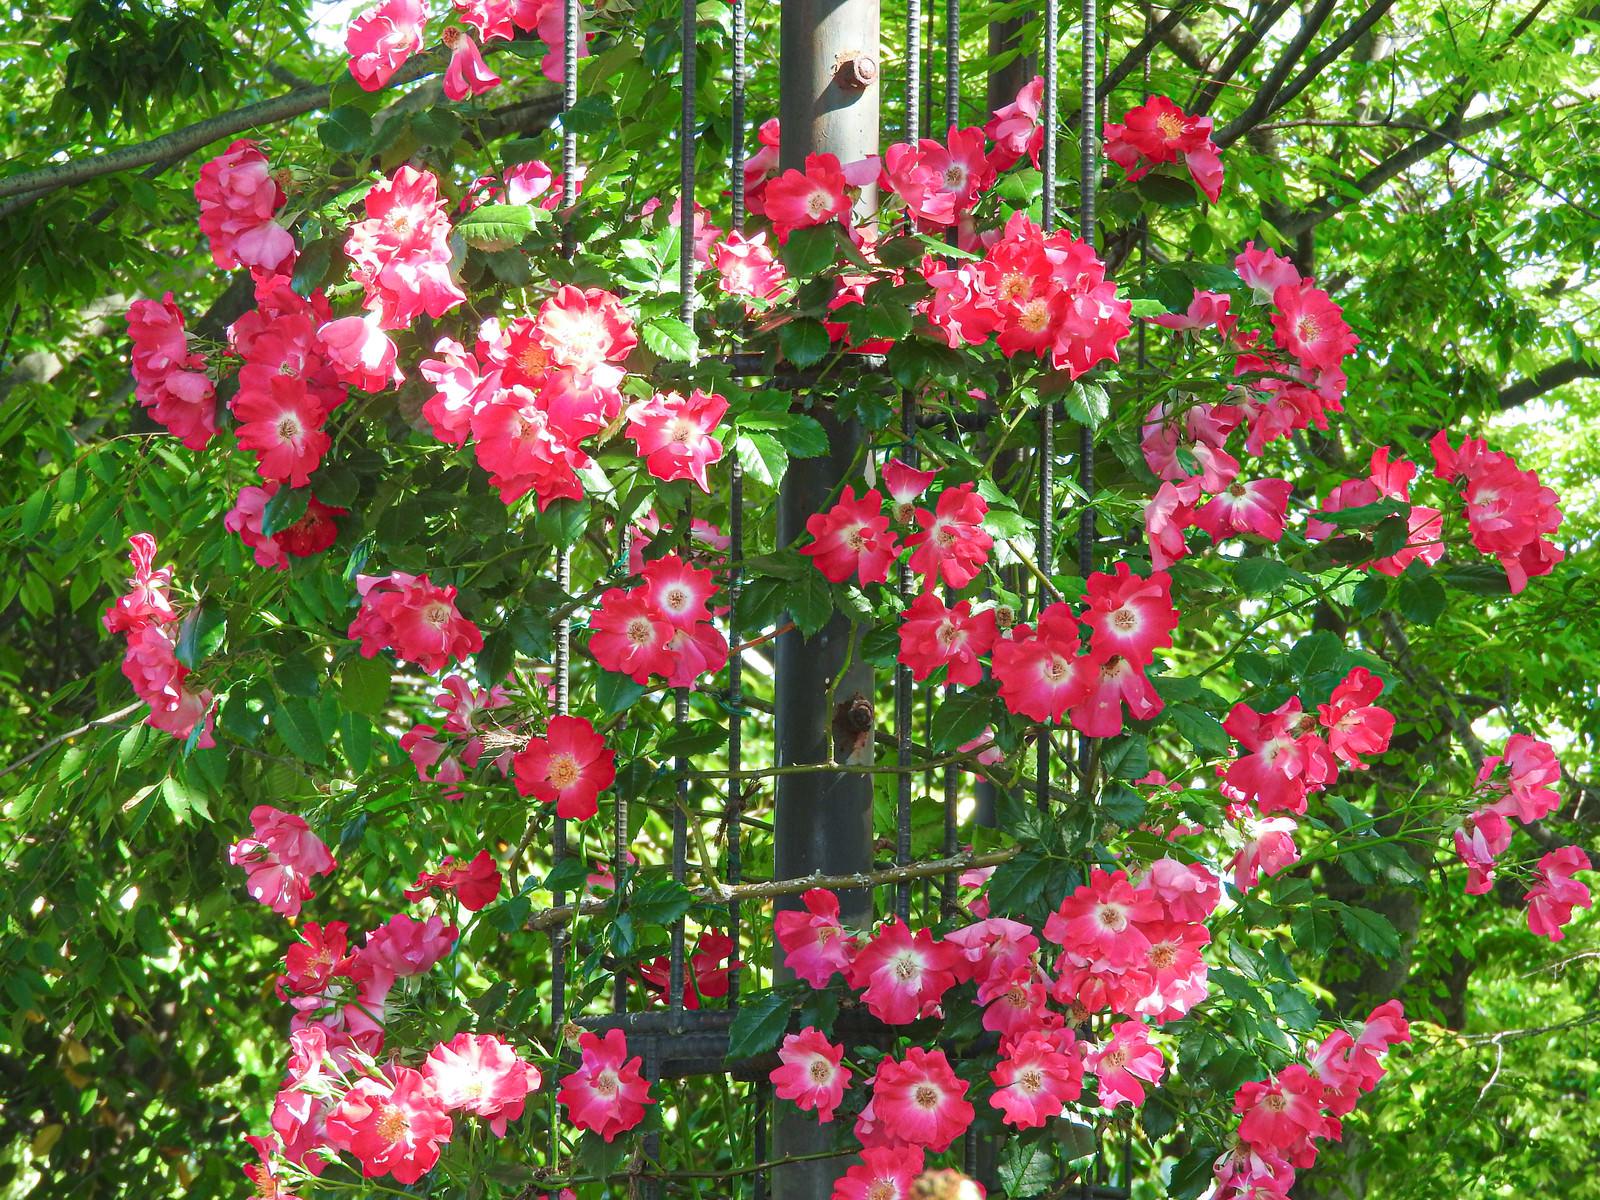 「円を作るように咲き誇る蔓バラ(ドルトムント)」の写真